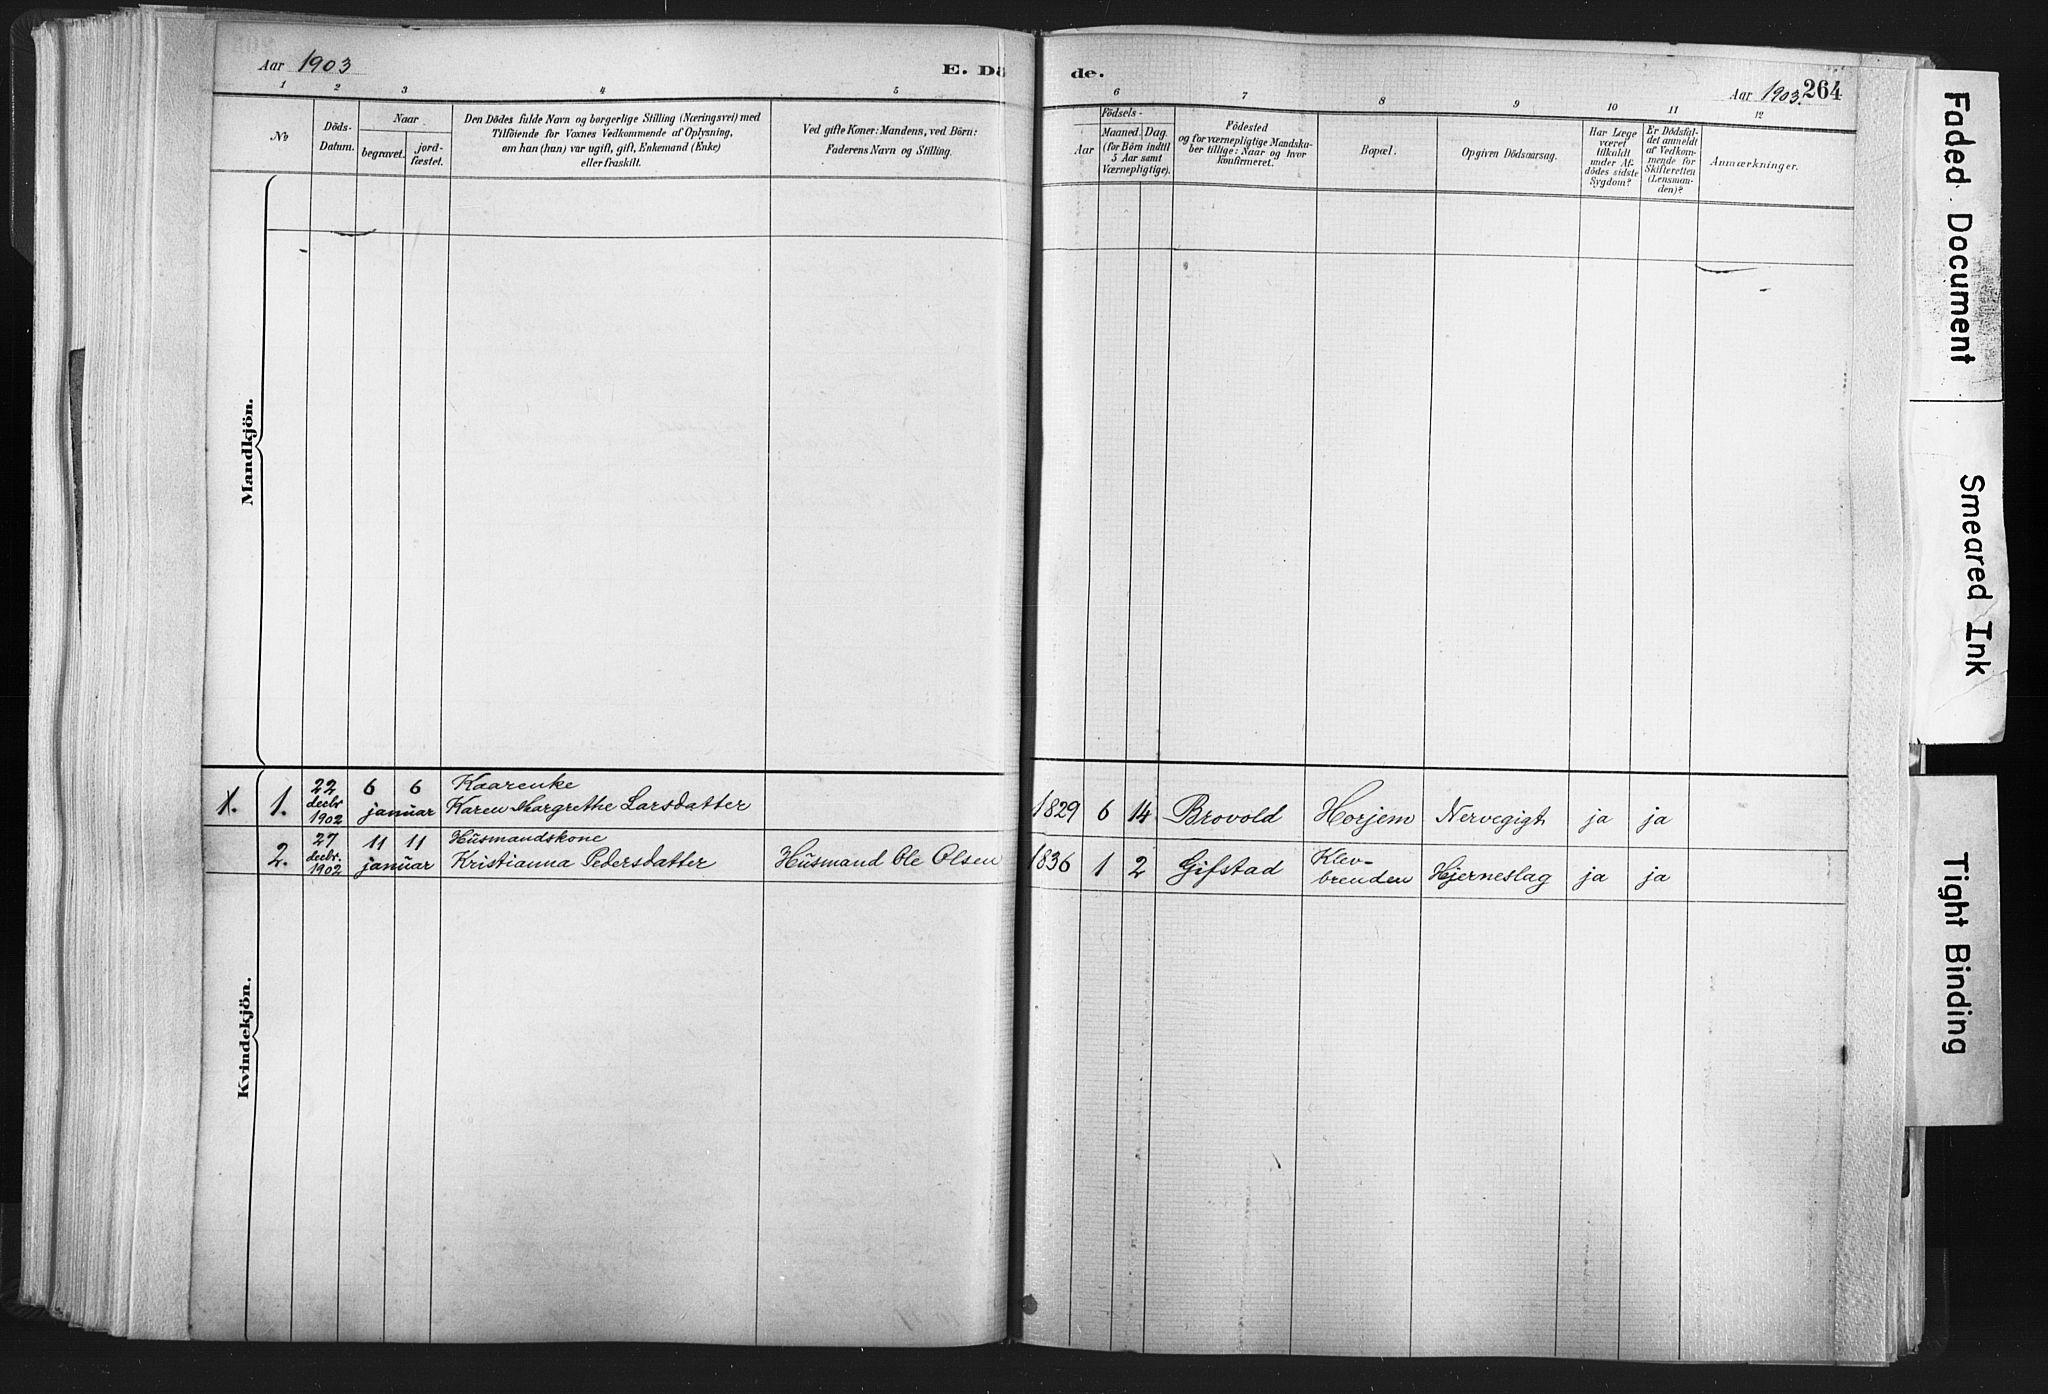 SAT, Ministerialprotokoller, klokkerbøker og fødselsregistre - Nord-Trøndelag, 749/L0474: Ministerialbok nr. 749A08, 1887-1903, s. 264